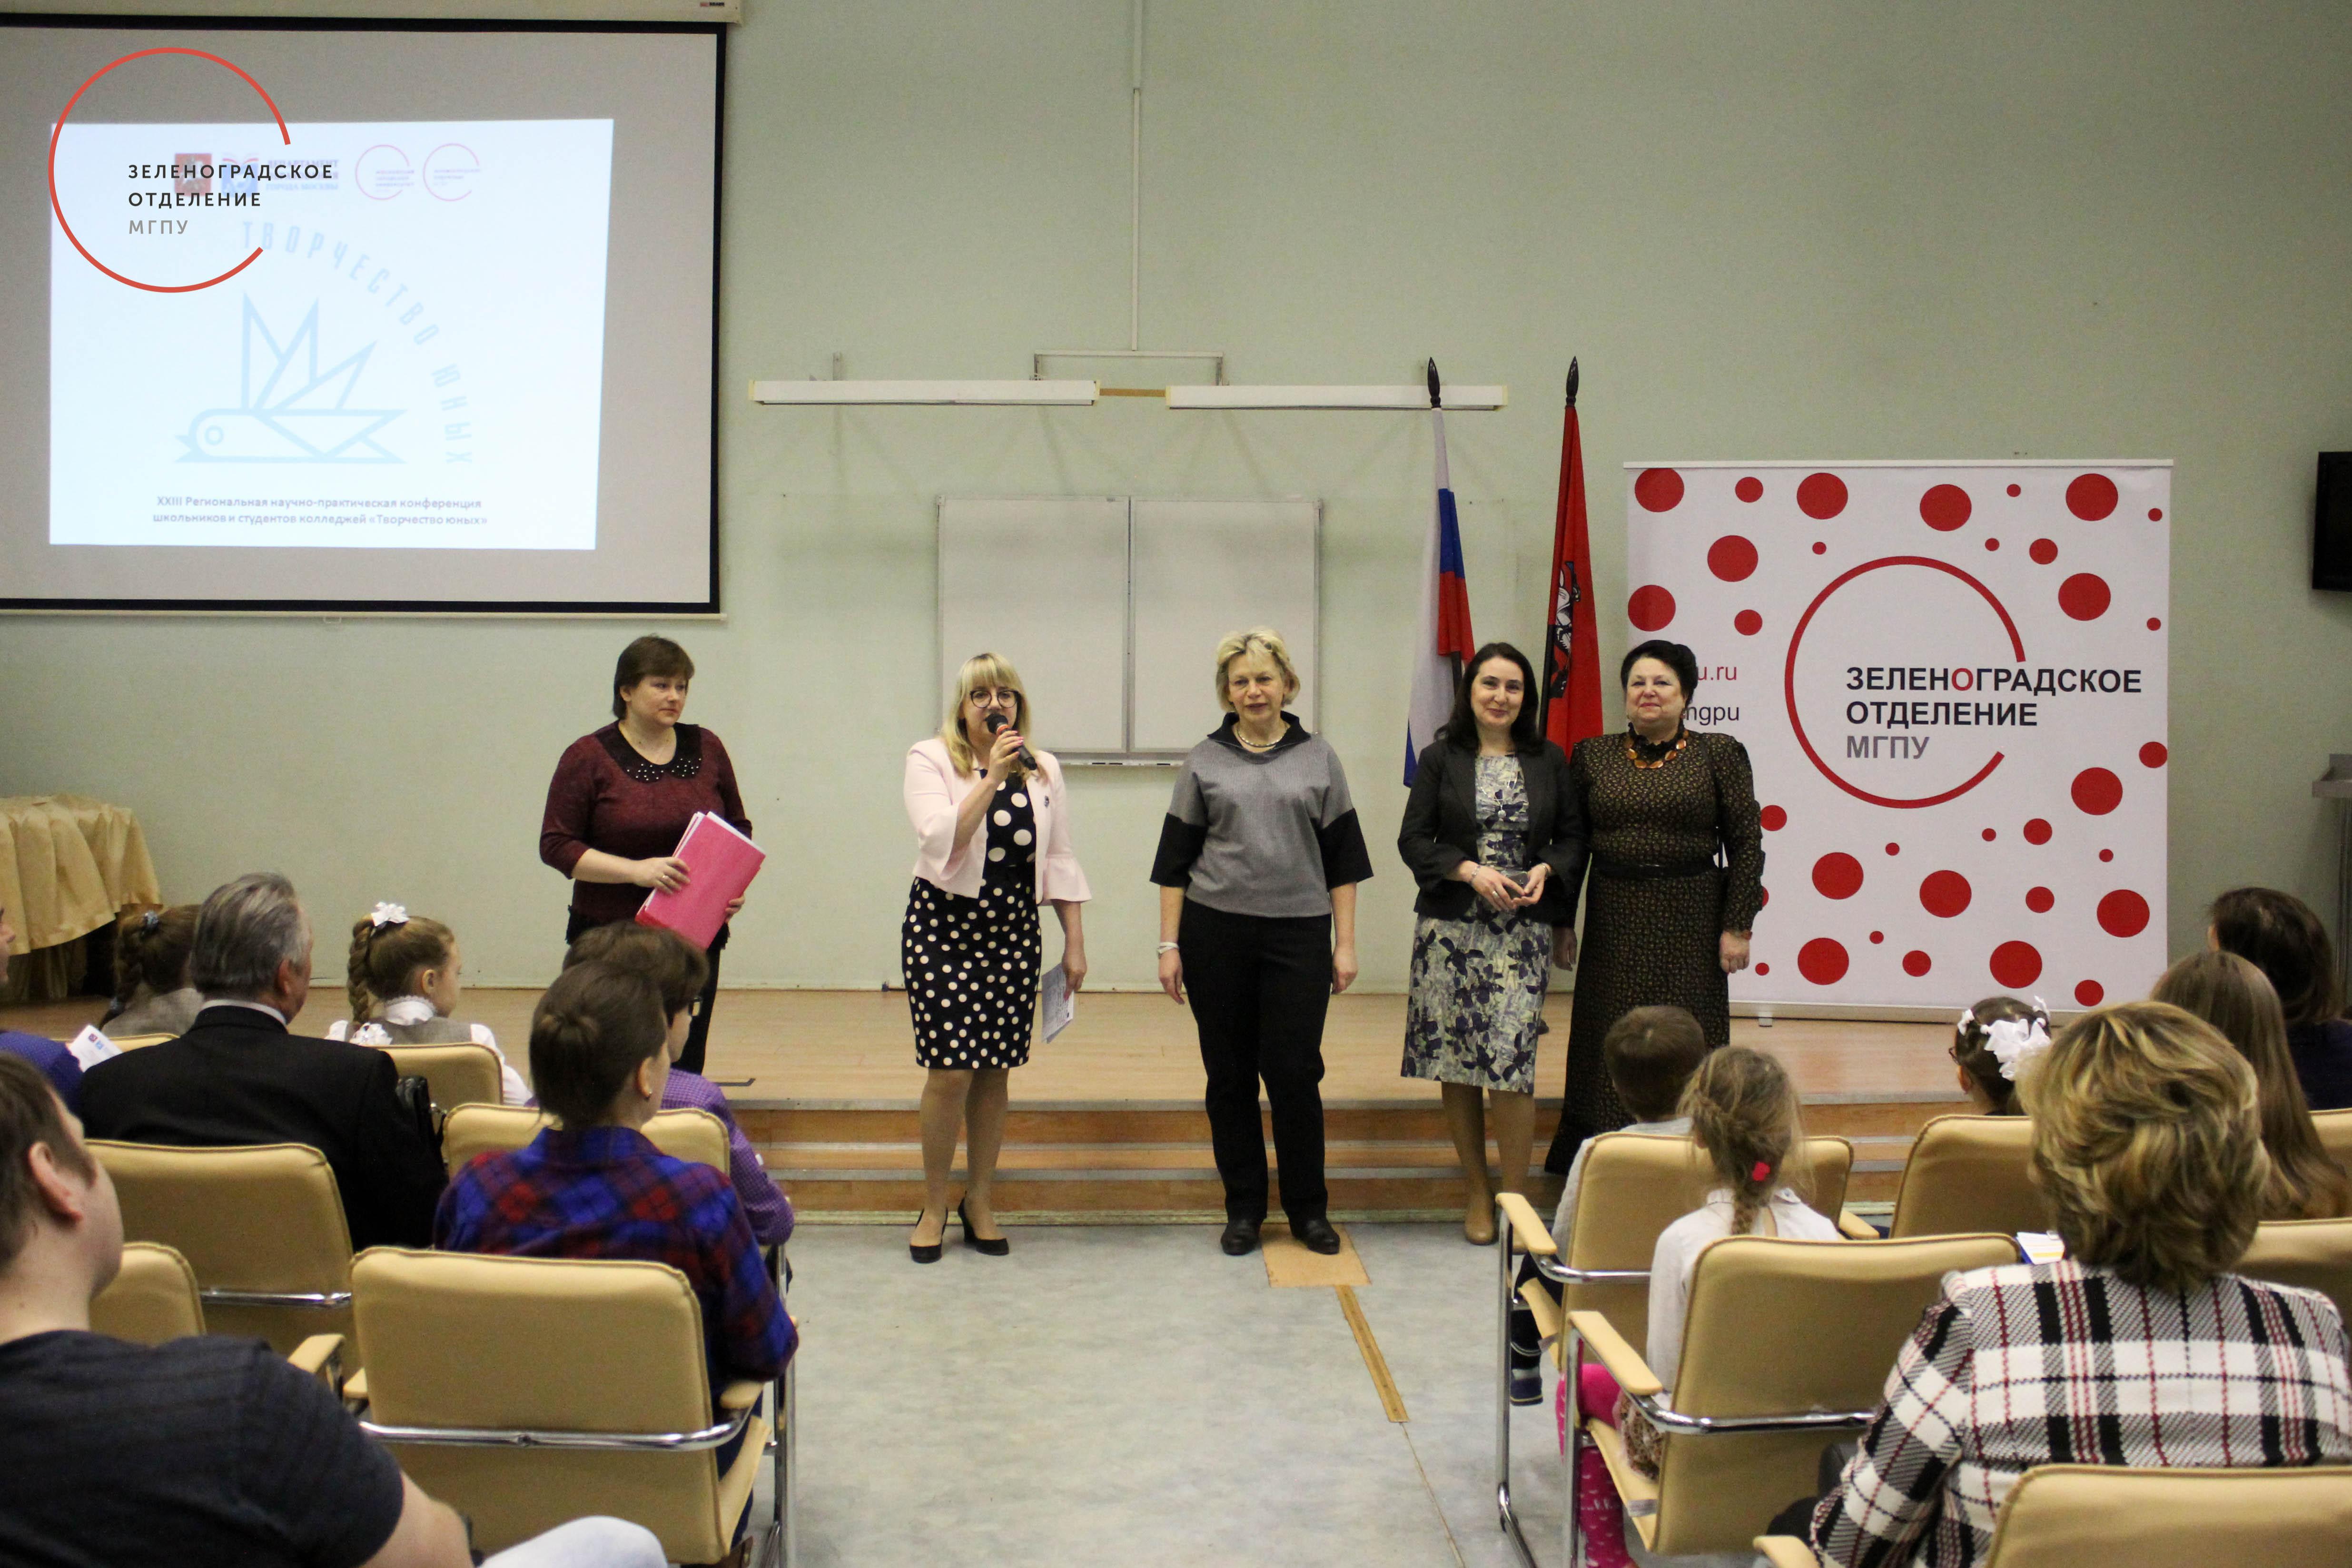 Научно-практическая конференция «Творчество юных»